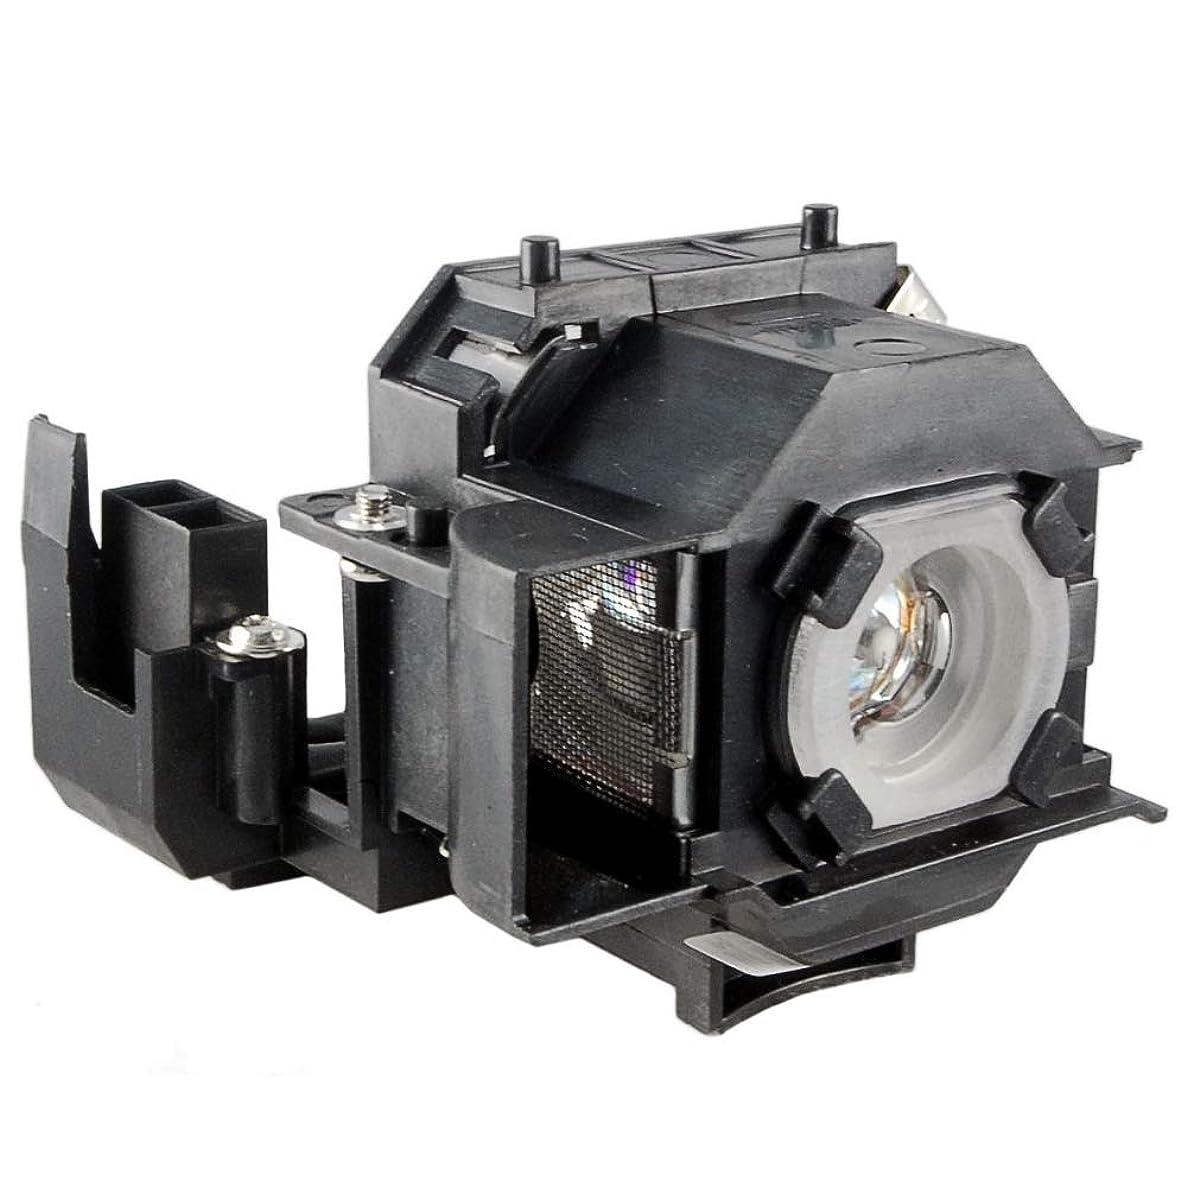 猫背医薬倒錯Rich Lighting プロジェクター 交換用 ランプ ELPLP36 エプソン EPSON EMP-S4 EMP-S42 対応【180日保証】